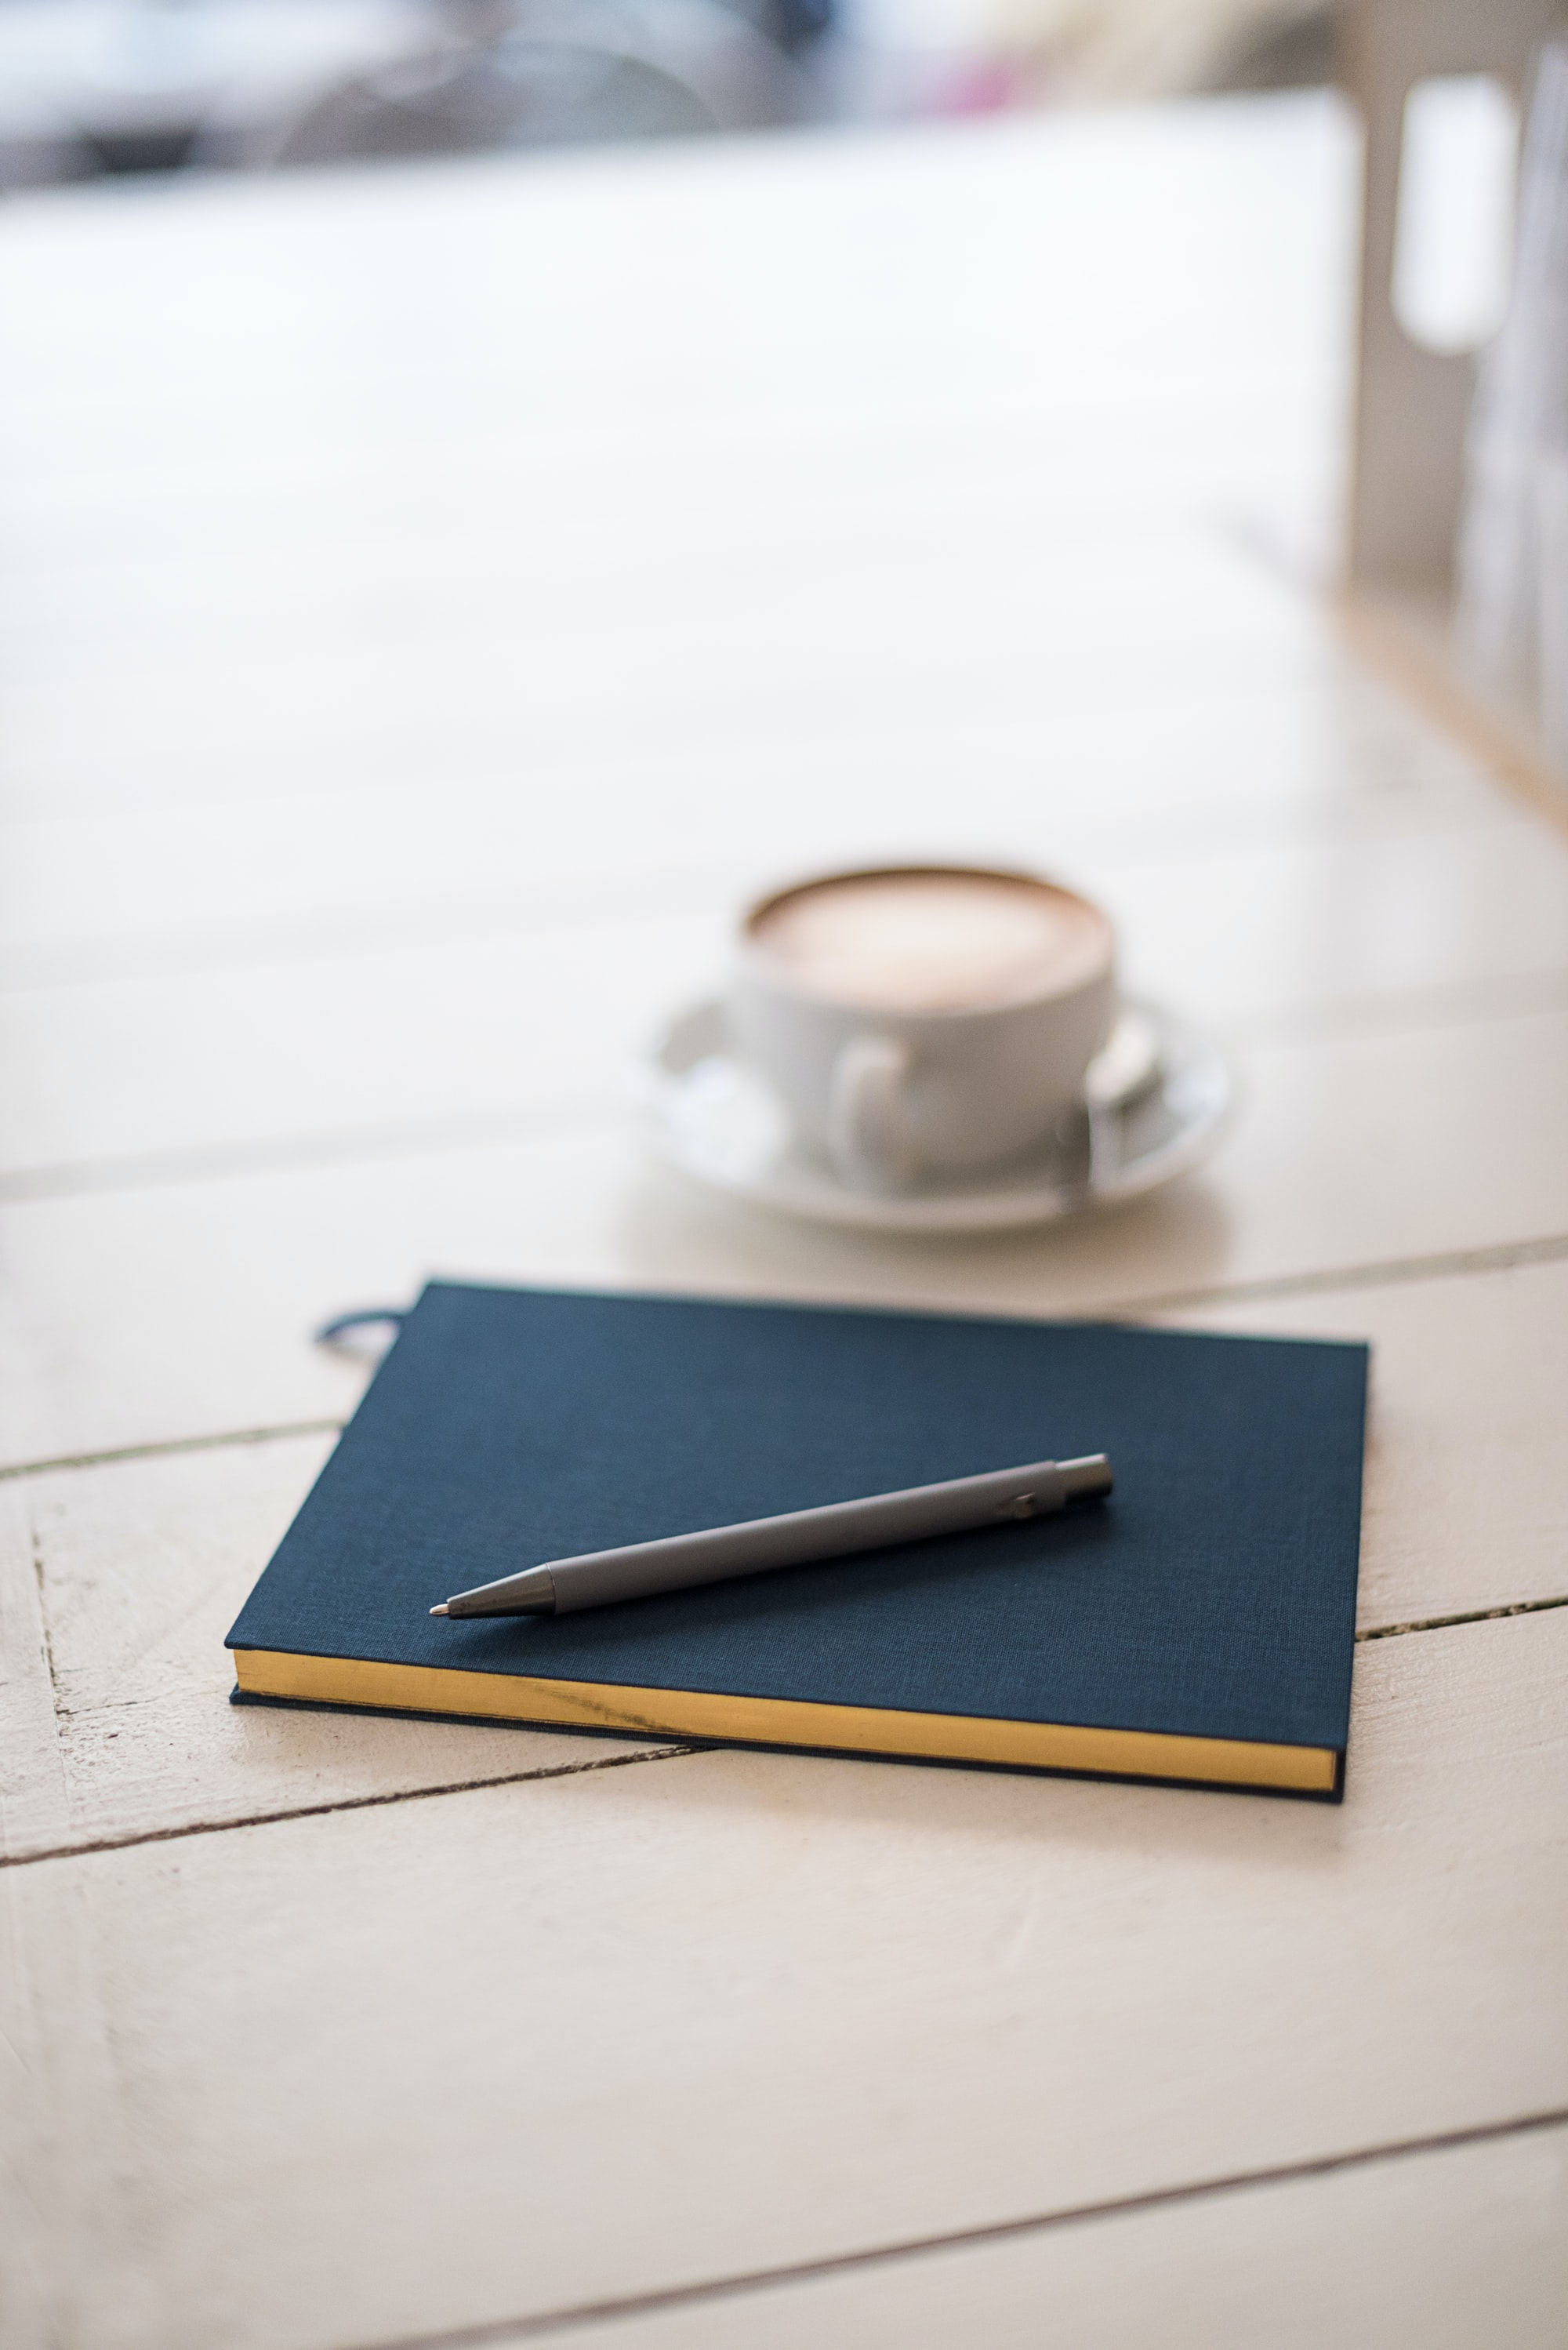 Korte verhalen schrijven